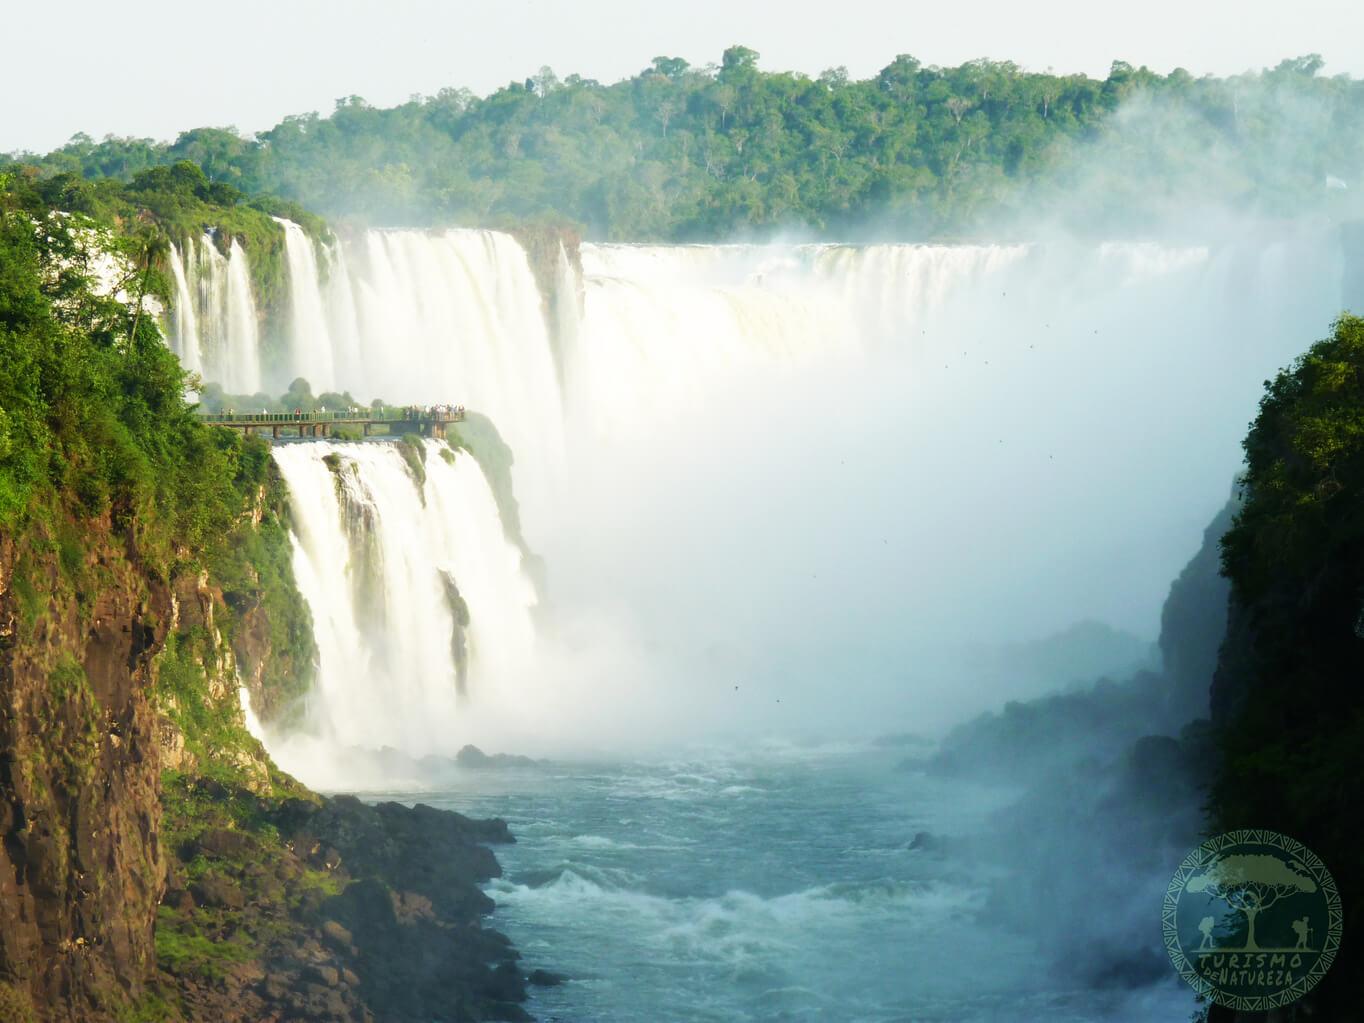 Garganta nas Cataratas do Iguaçu visto pelo lado argentino